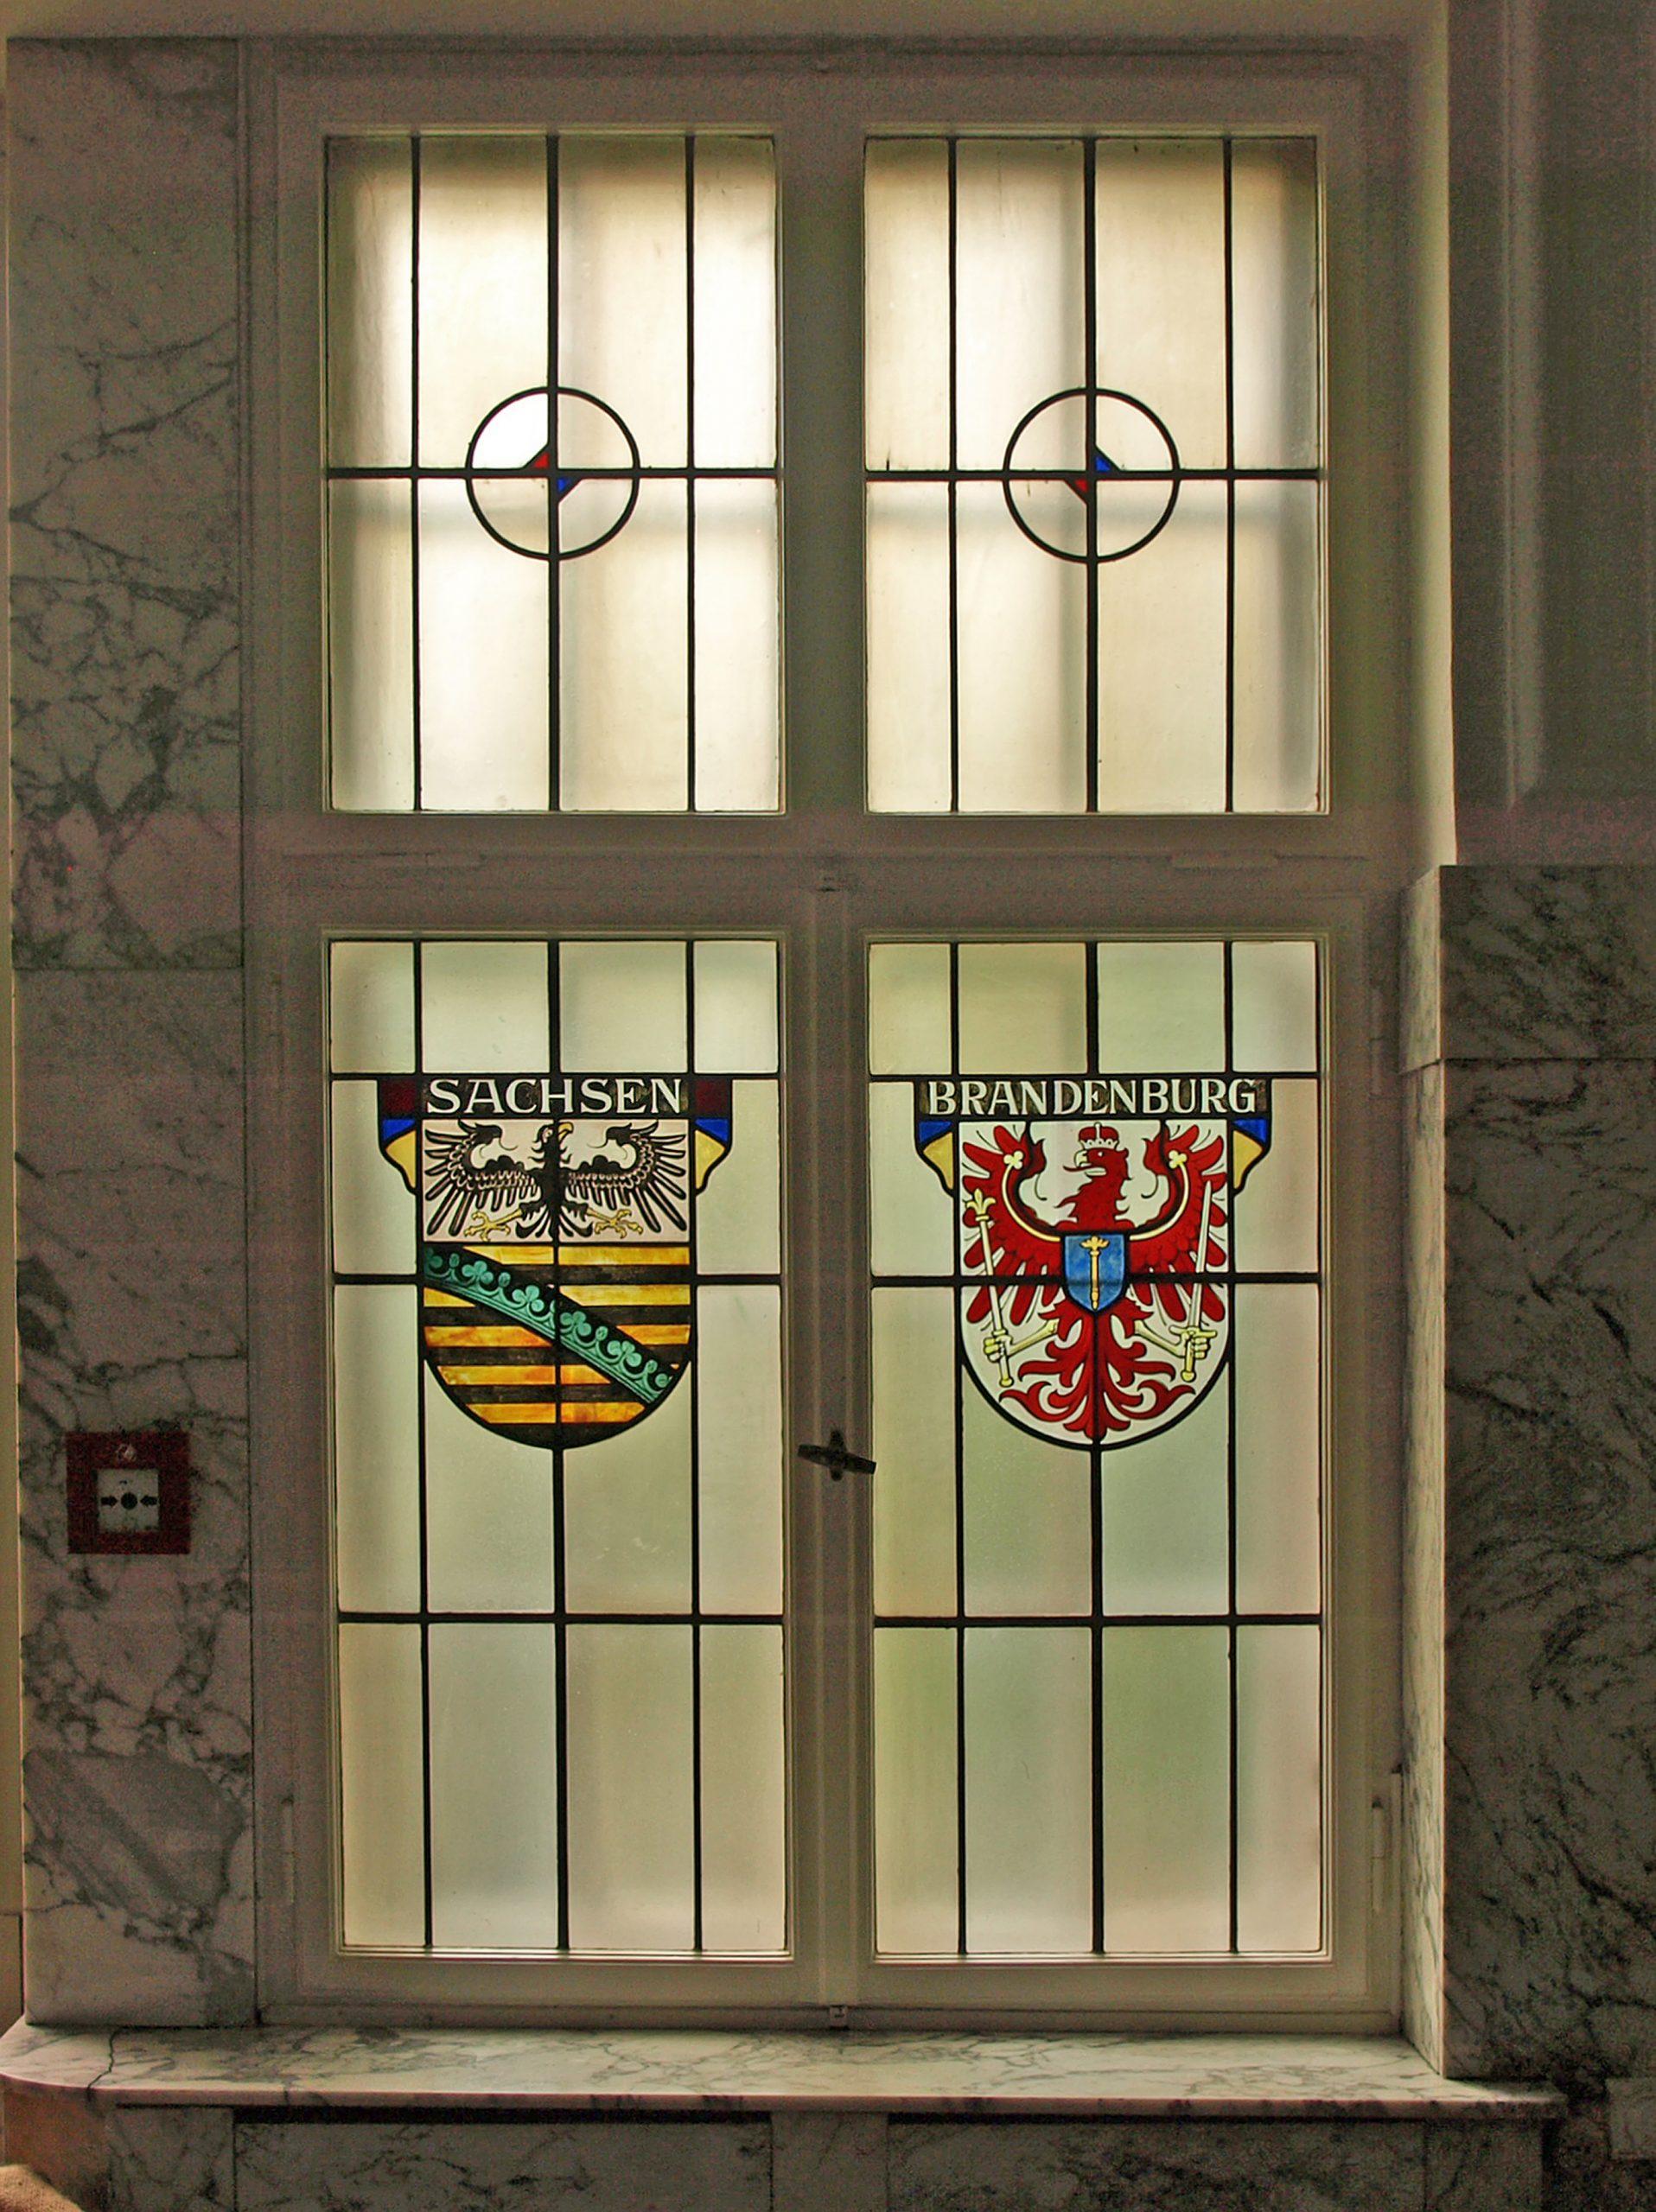 Full Size of Fenster Bremen Rollos Für Sicherheitsfolie Test Jalousien Sichtschutzfolie Konfigurator Nach Maß Stores Absturzsicherung Günstig Kaufen Flachdach Alte Herne Fenster Fenster Bremen